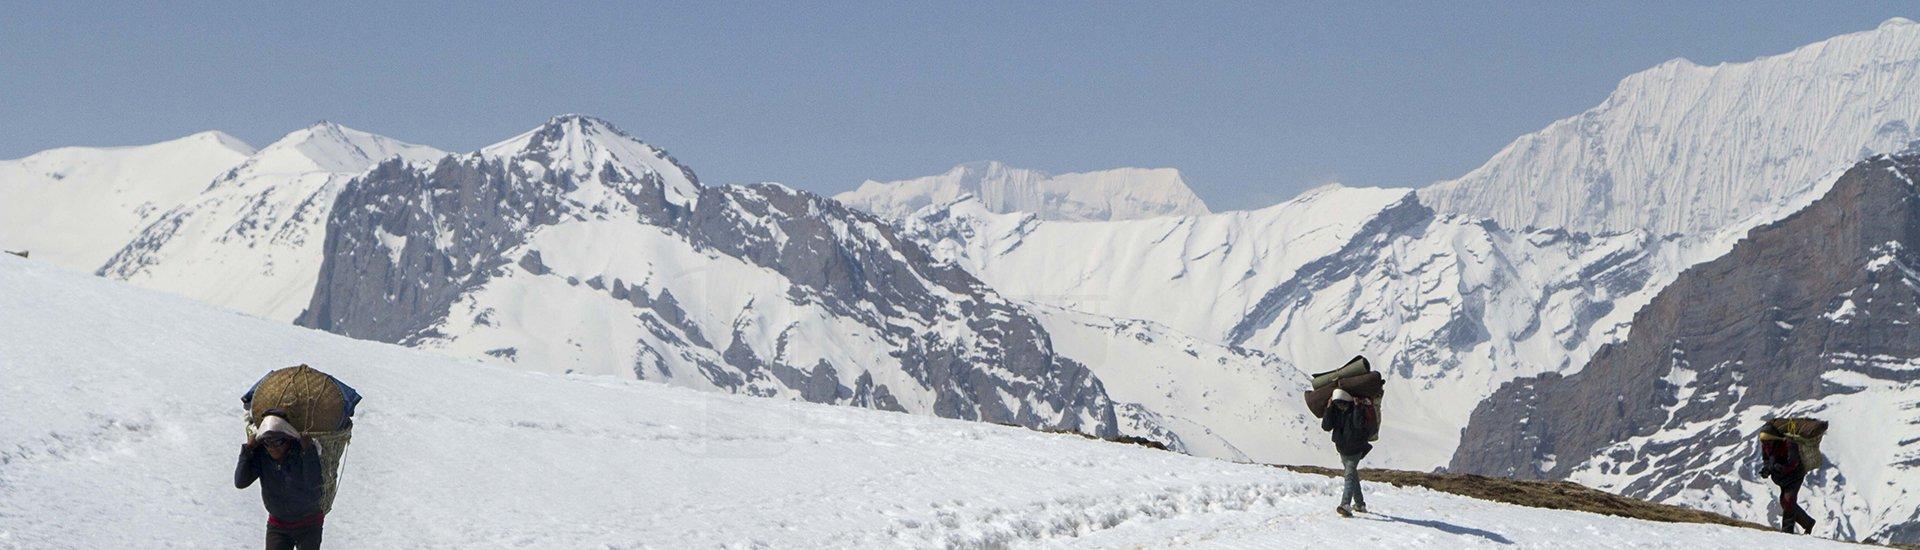 norbukang peak